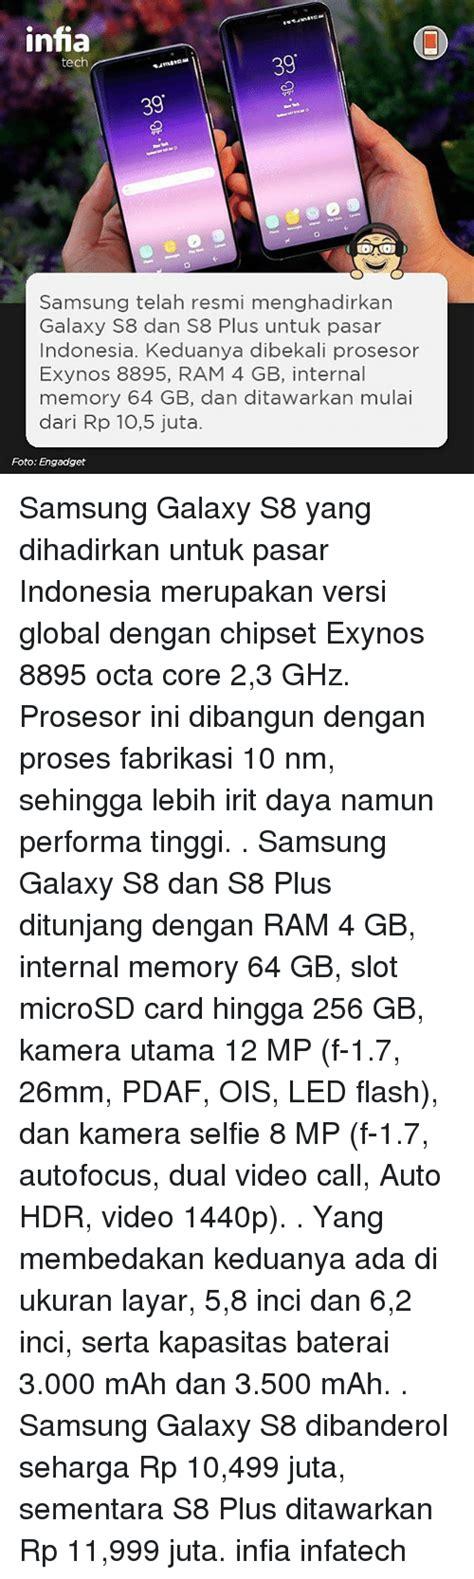 Samsung Galaxy Yang Ada Led Flash 25 Best Memes About Samsung Galaxy S8 Samsung Galaxy S8 Memes